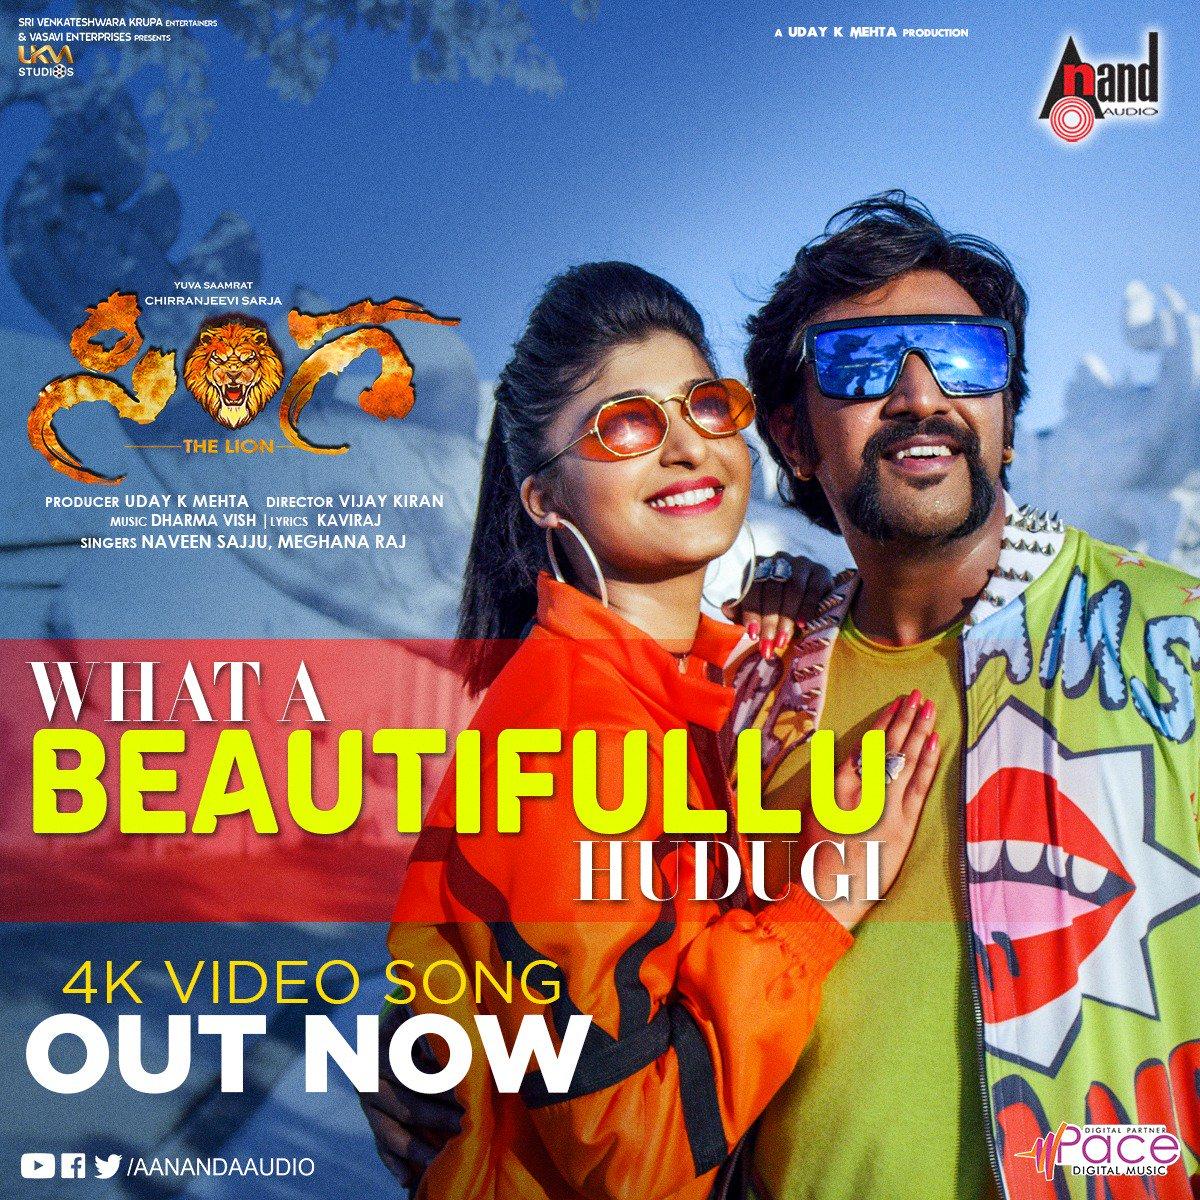 Singa Movie - Chiranjeevi Sarja, Aditi Prabhudeva- Dir: Vijay Kiran